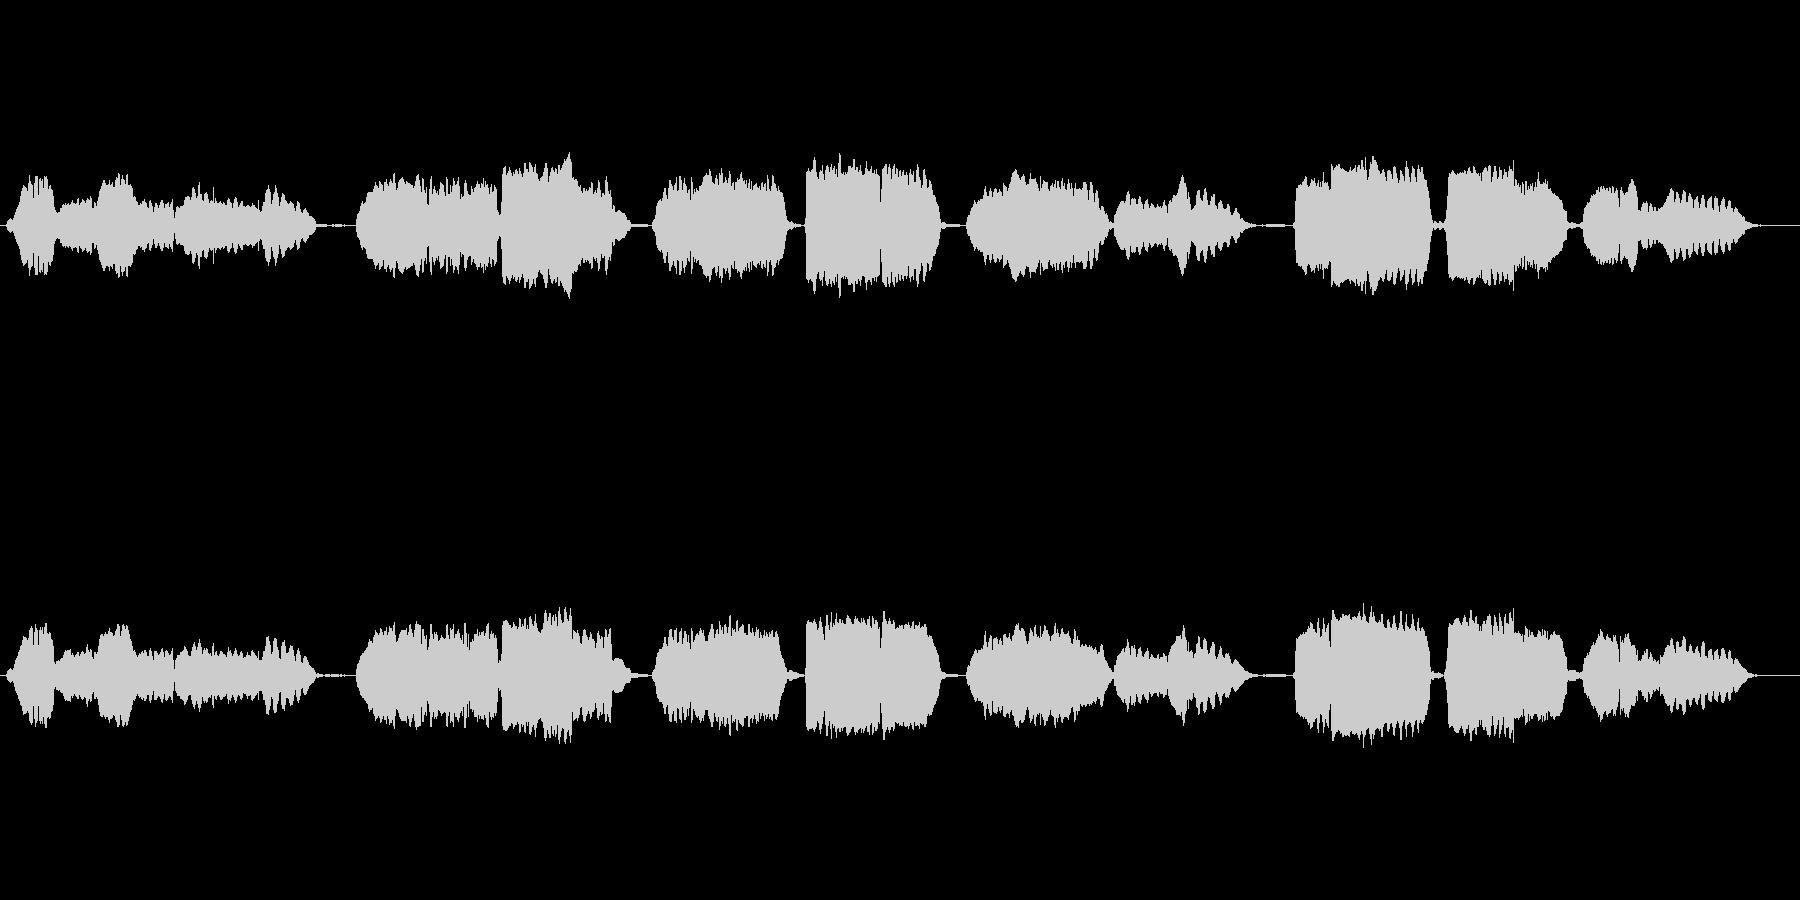 日本国歌「君が代」の篠笛独奏の未再生の波形